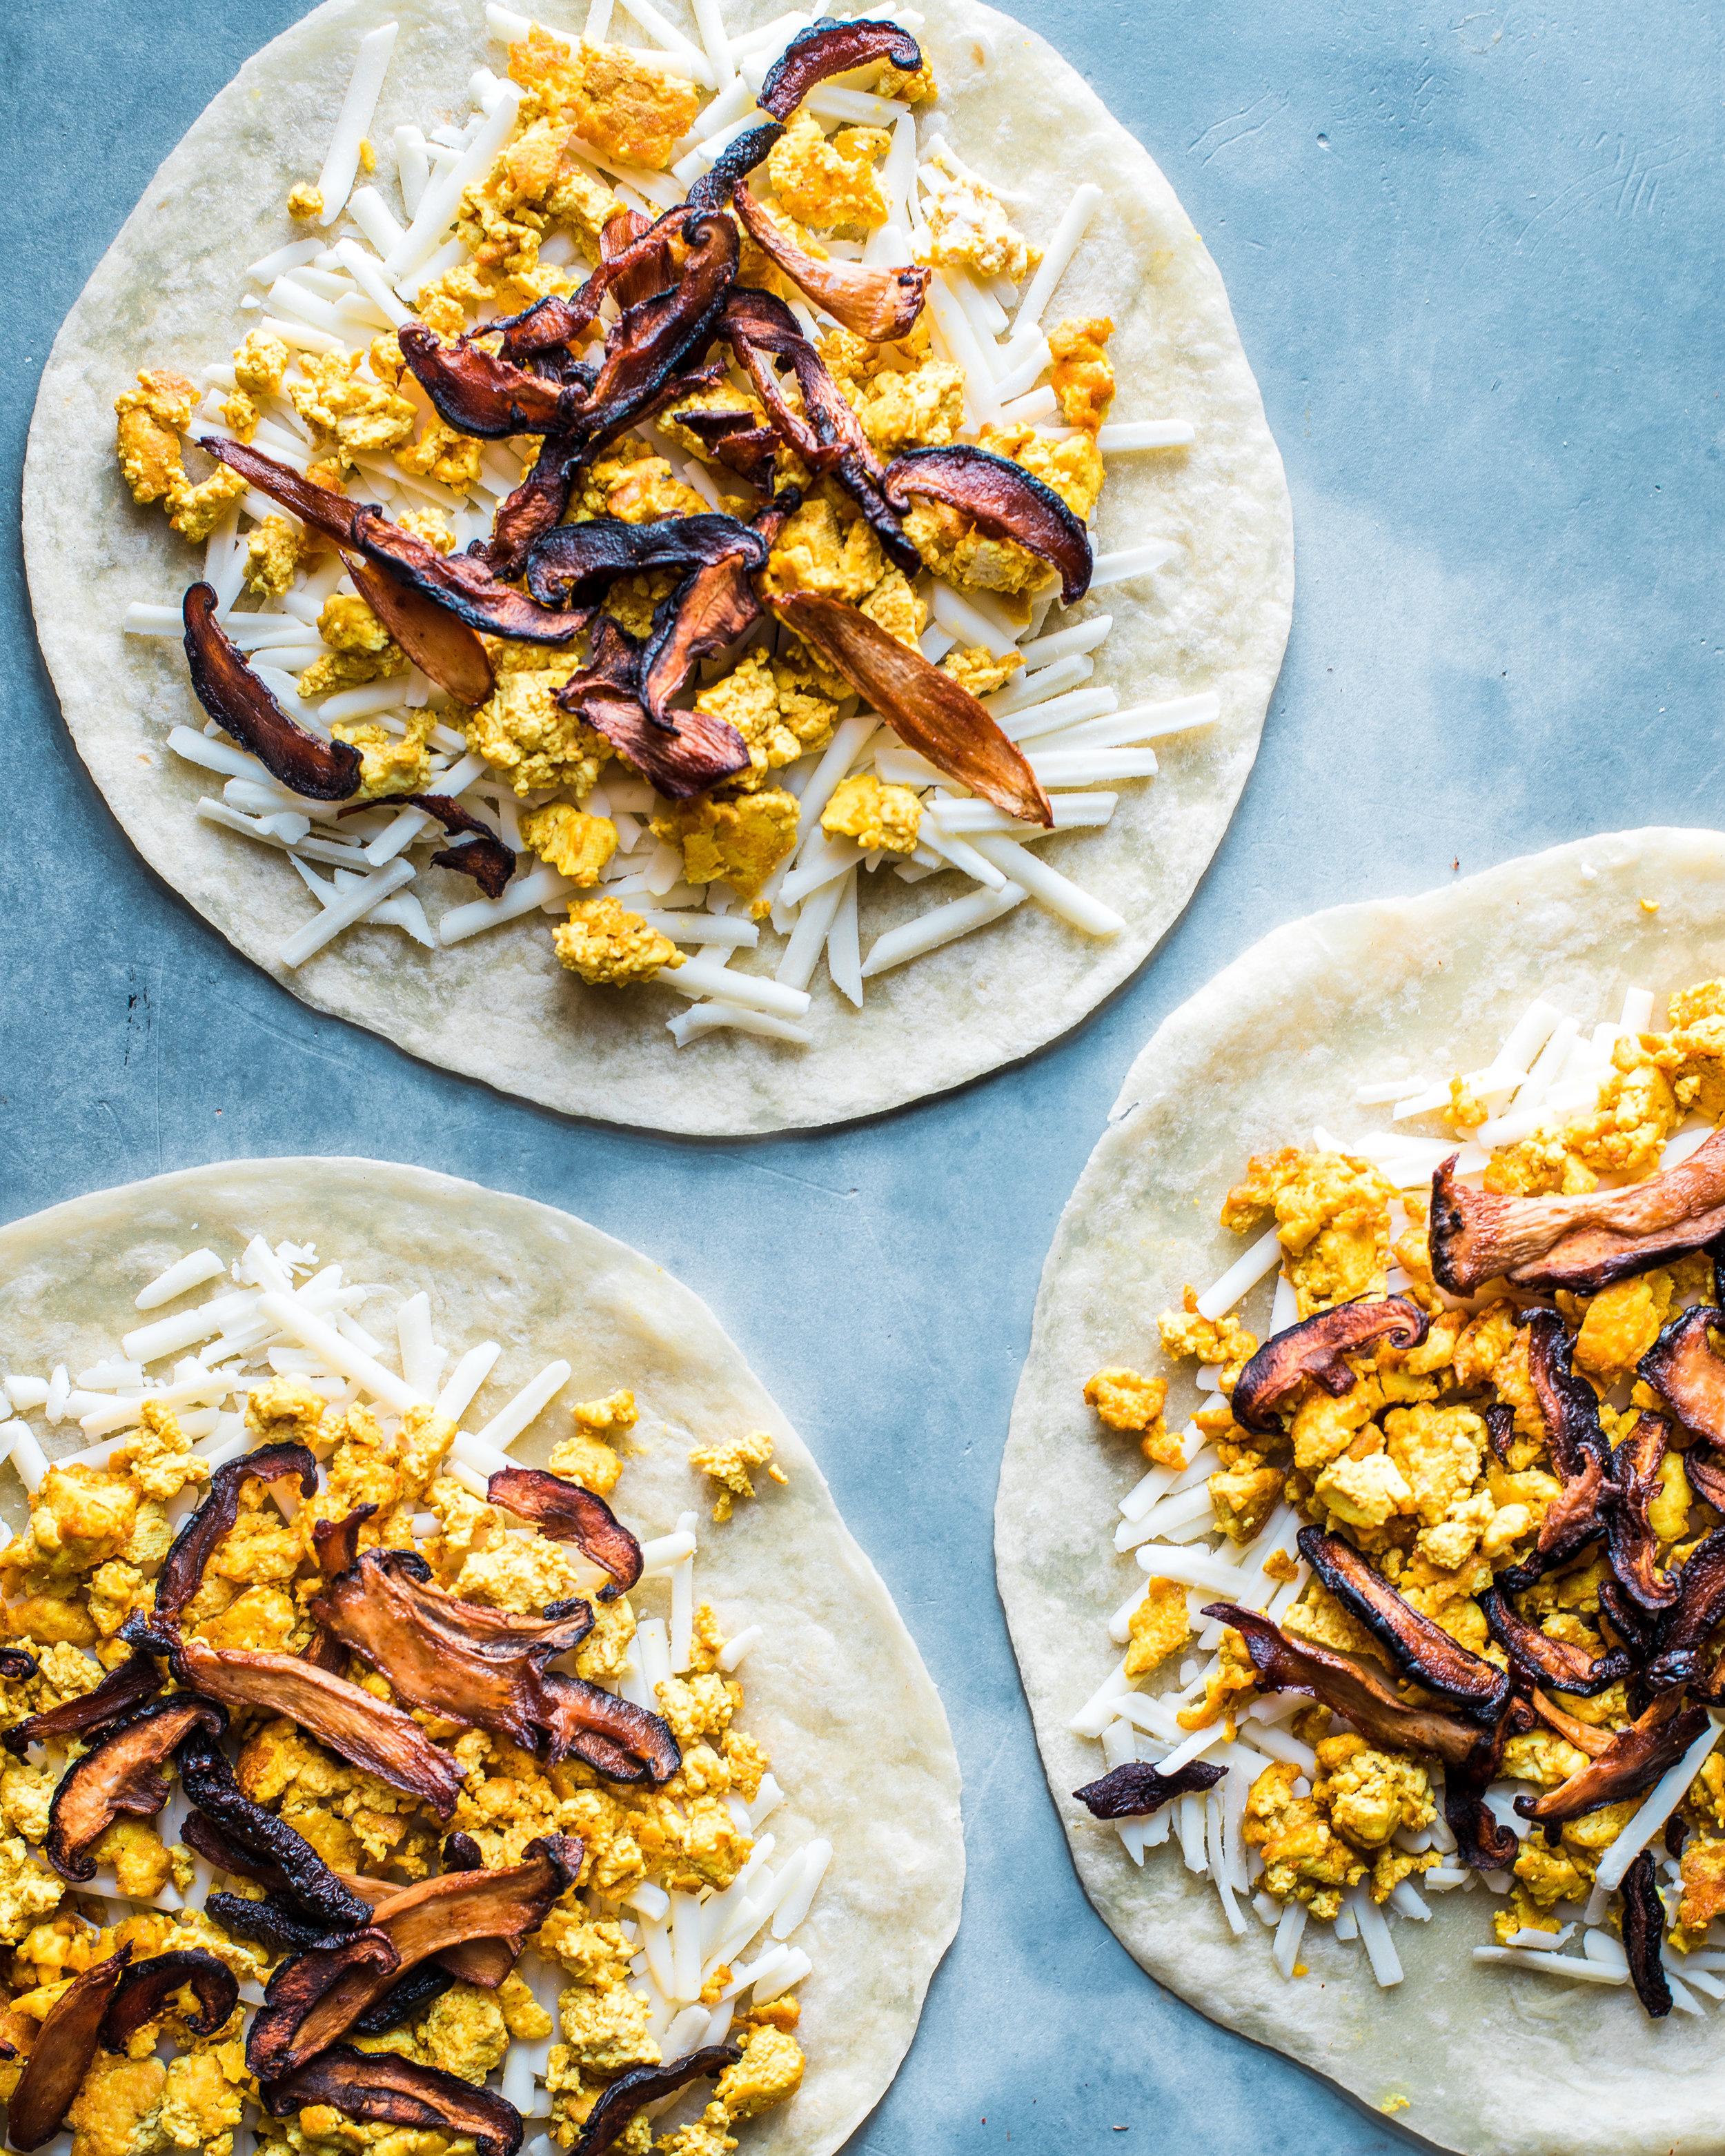 Vegan Quesadillas with Mushroom Bacon